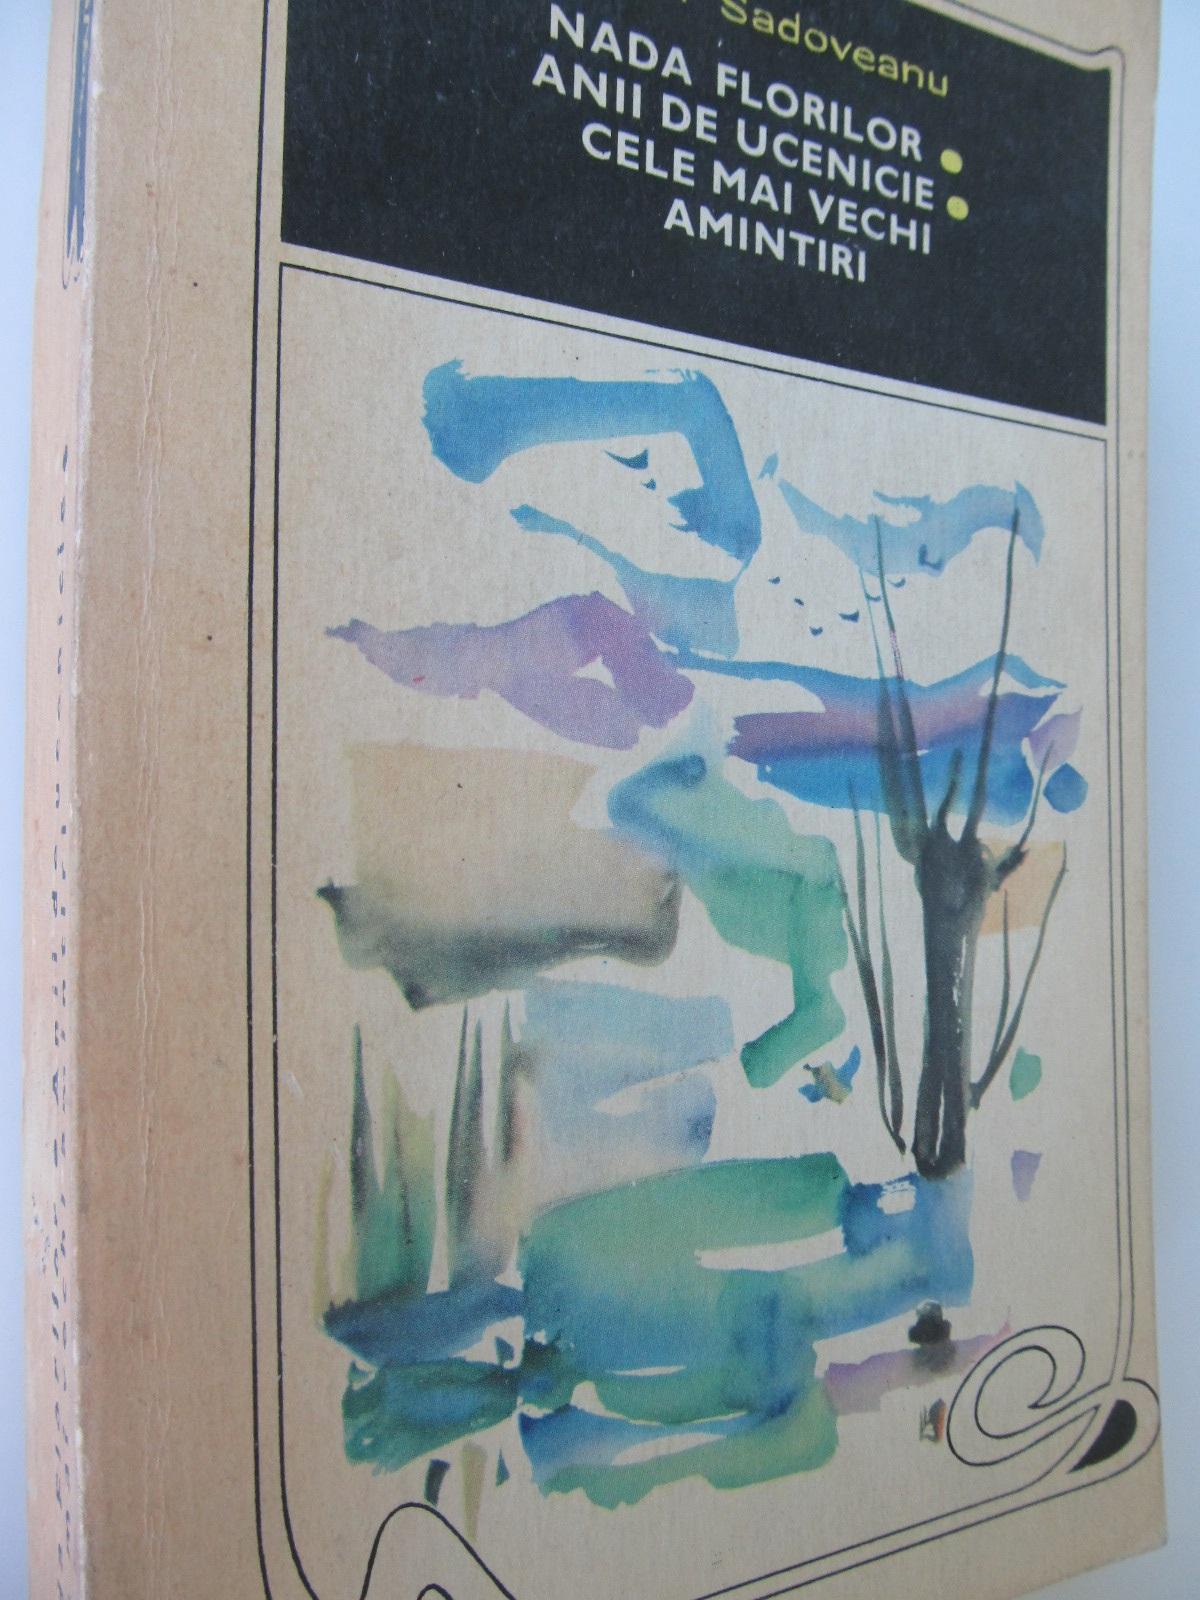 Nada florilor.Anii de ucenicie.Cele mai vechi amintiri - Mihail Sadoveanu | Detalii carte